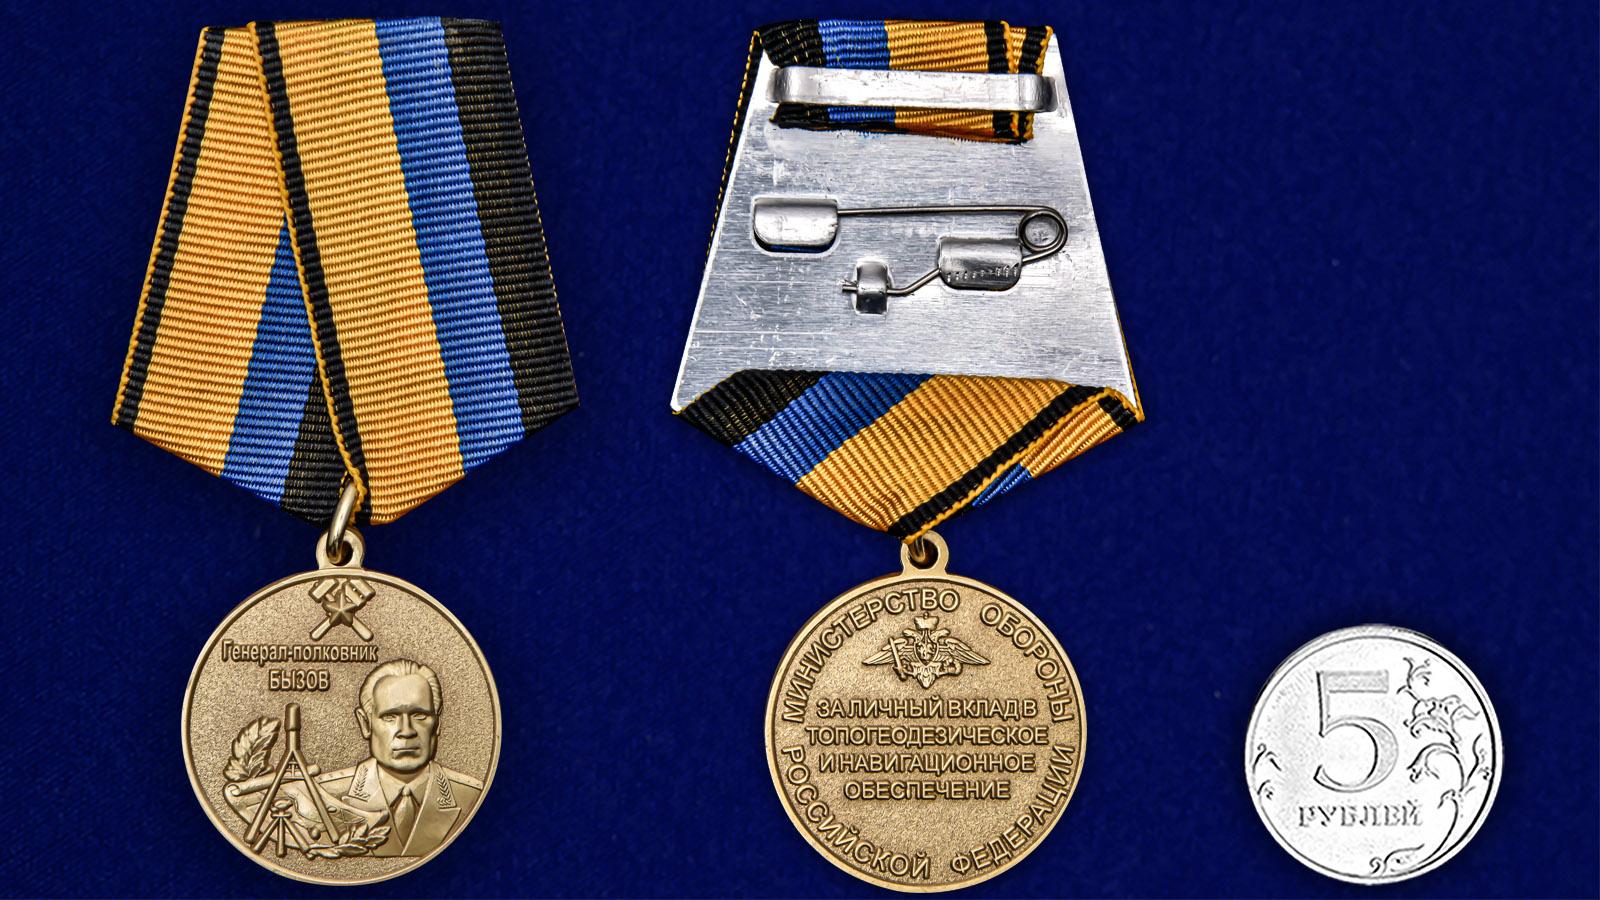 Наградная медаль Генерал-полковник Бызов МО РФ - сравнительный вид